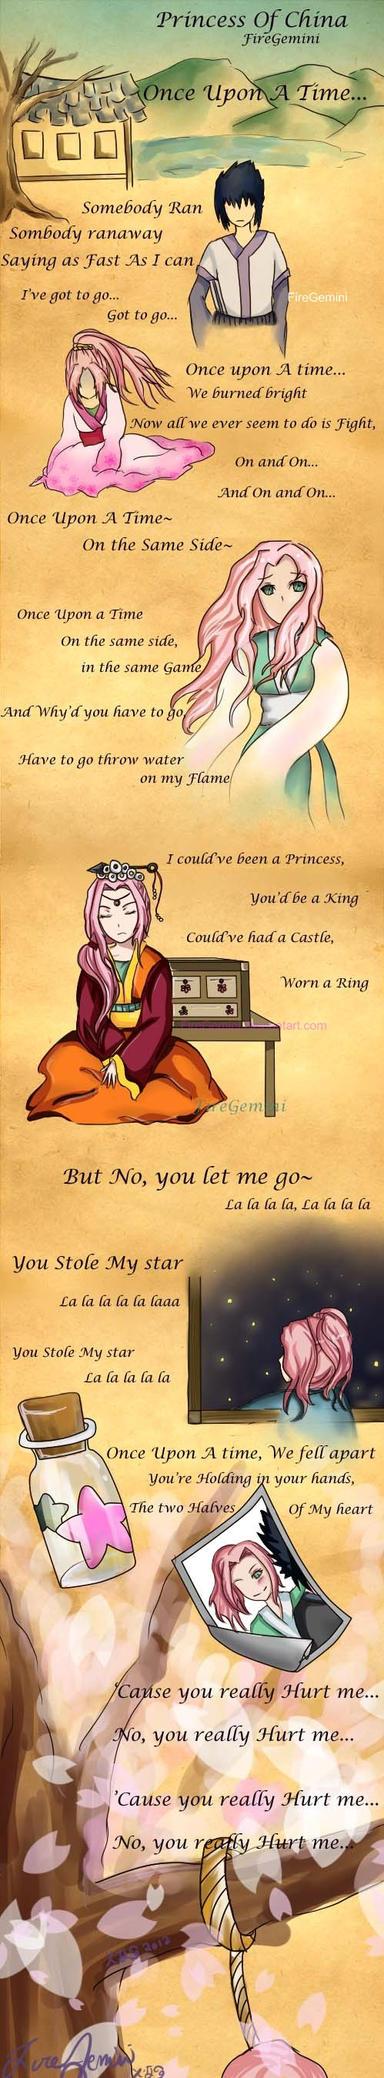 Princess of China by FireGemini